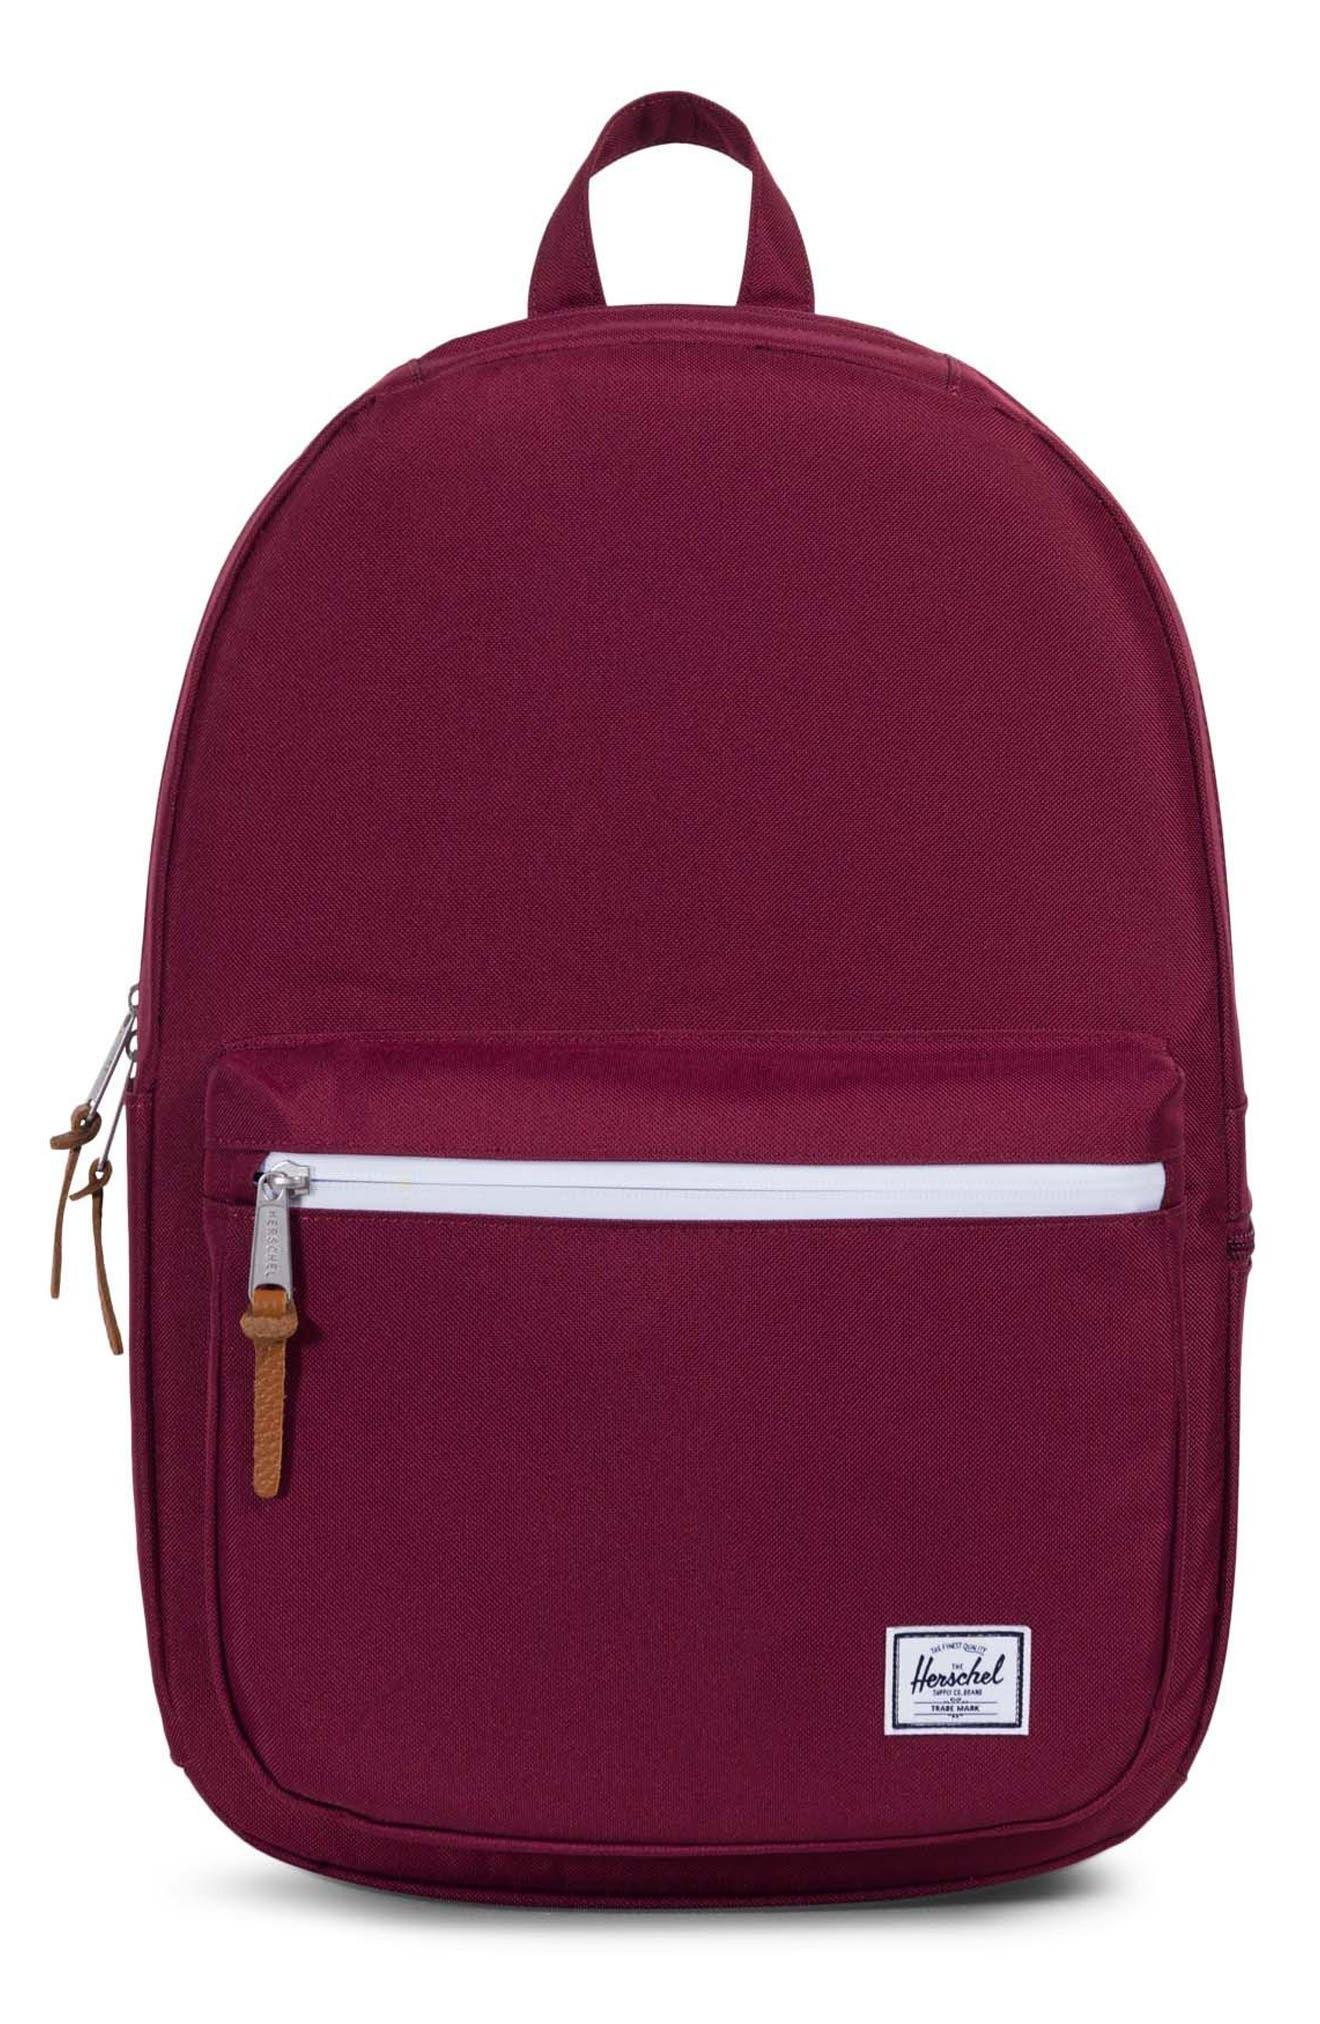 Harrison Backpack,                             Main thumbnail 3, color,